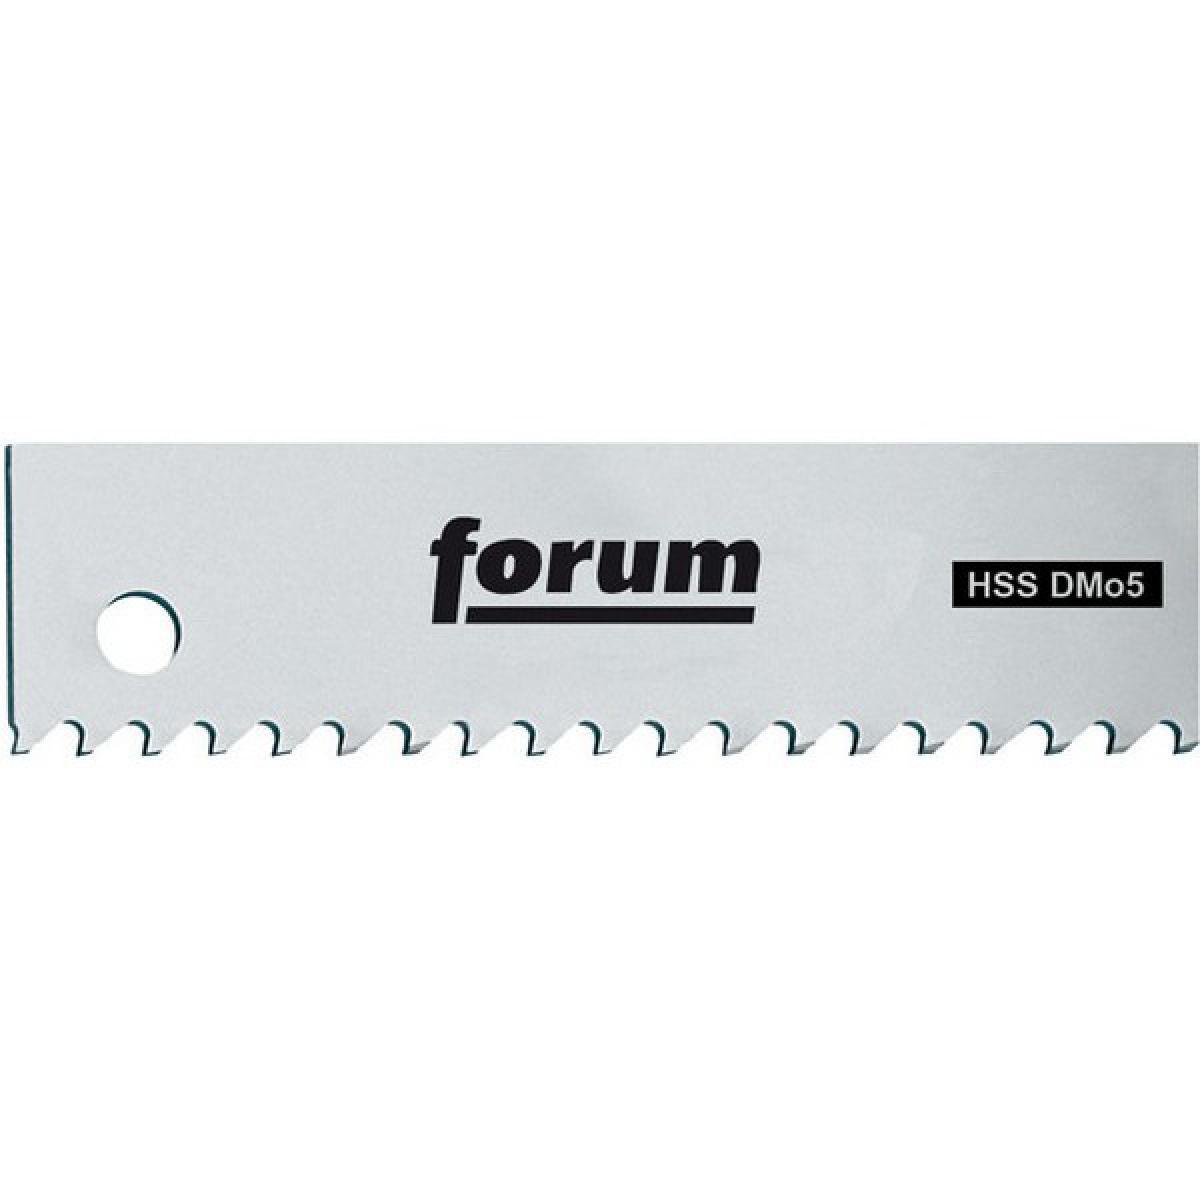 Forum Lame de scie alternative, Long. : 575 mm, Larg. : 50 mm, Épais. : 2,5 mm, Dents par pouce : 4